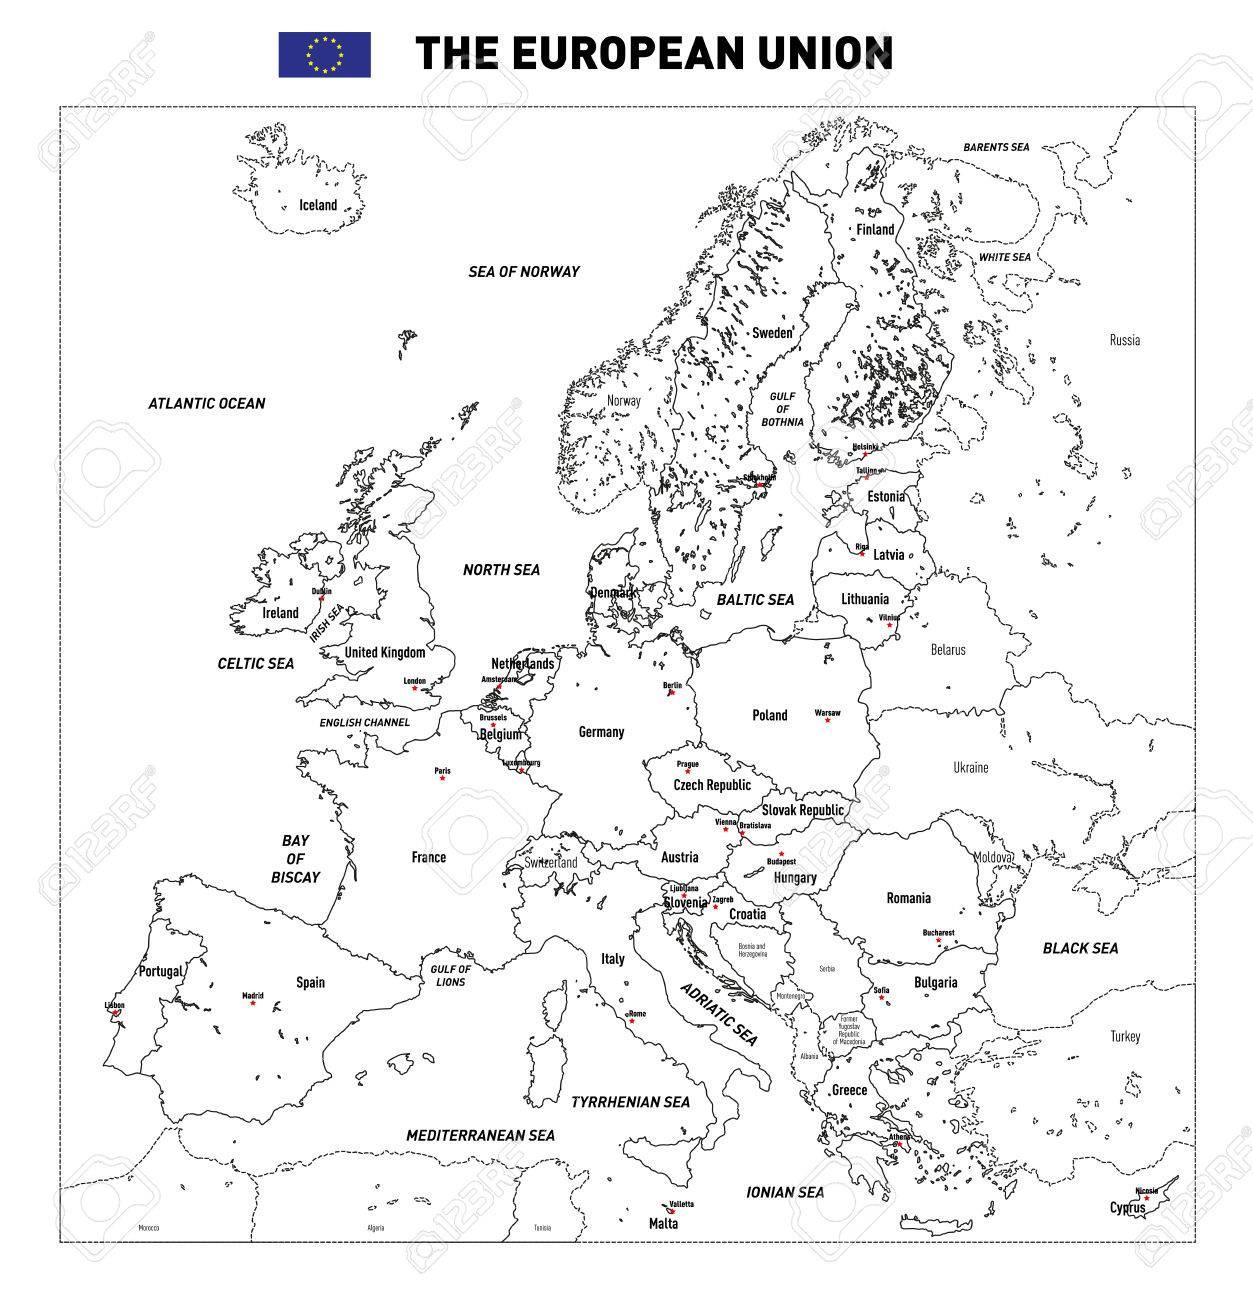 Vector Très Détaillée Carte Politique De L'union Européenne Avec Des  Drapeaux Et Capitales. Tous Les Éléments Sont Séparés Dans Des Couches encequiconcerne Les Capitales De L Union Européenne